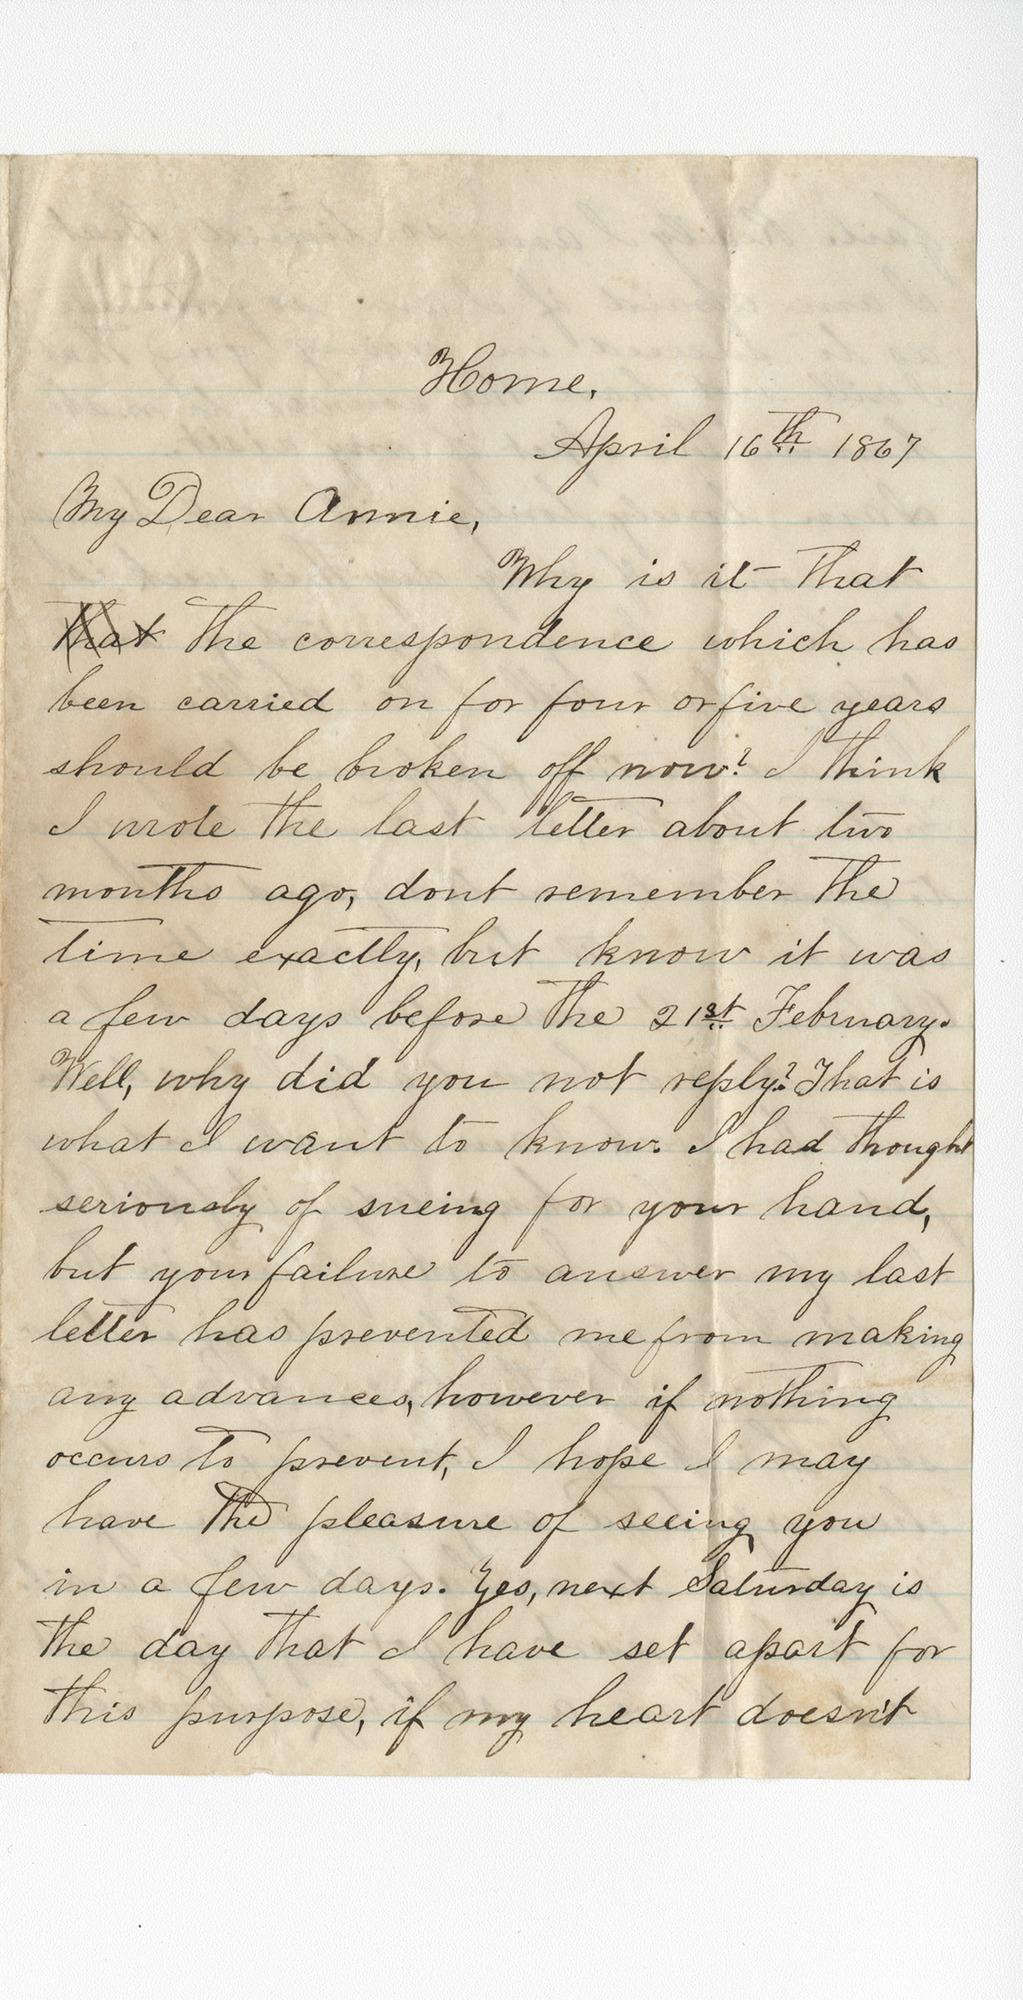 Ms2016-013_HeizerJames_Letter_1867_0416a.jpg